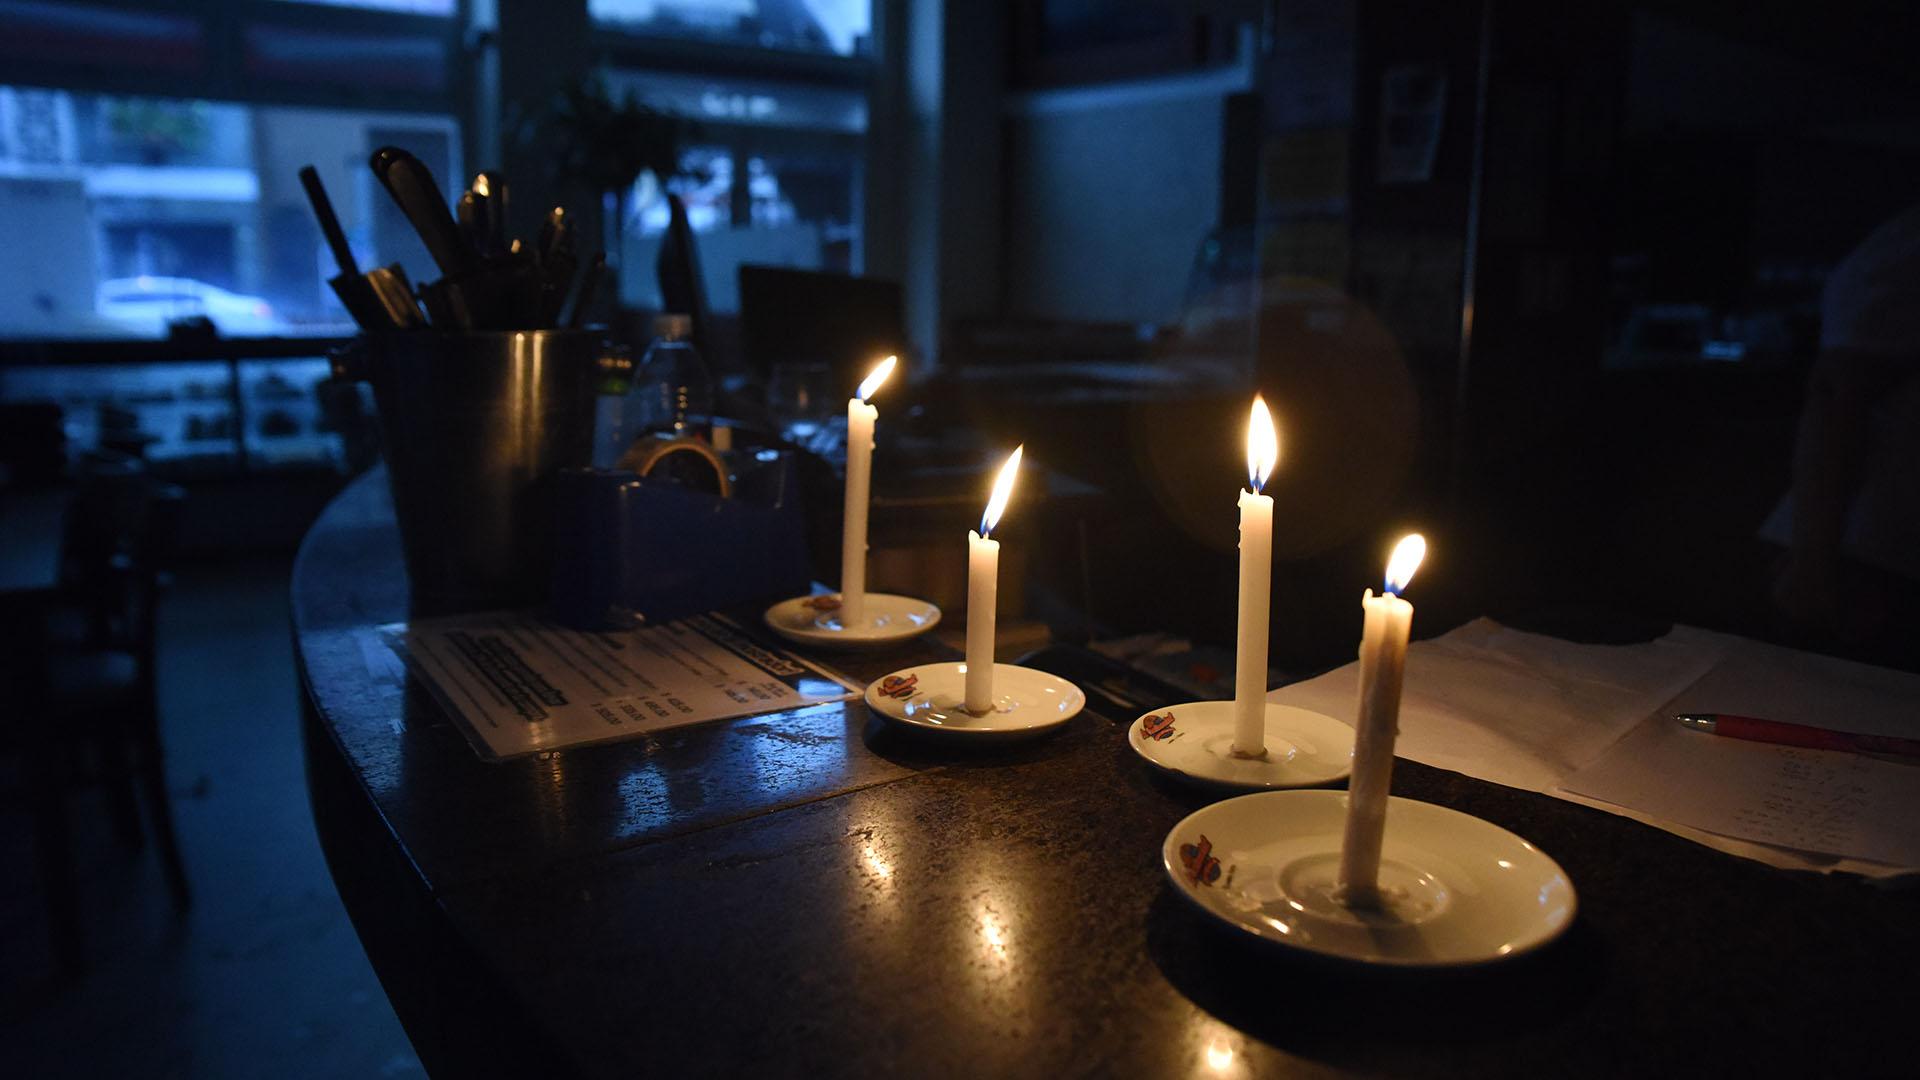 Esperando el restablecimiento del servicio a la luz de las velas